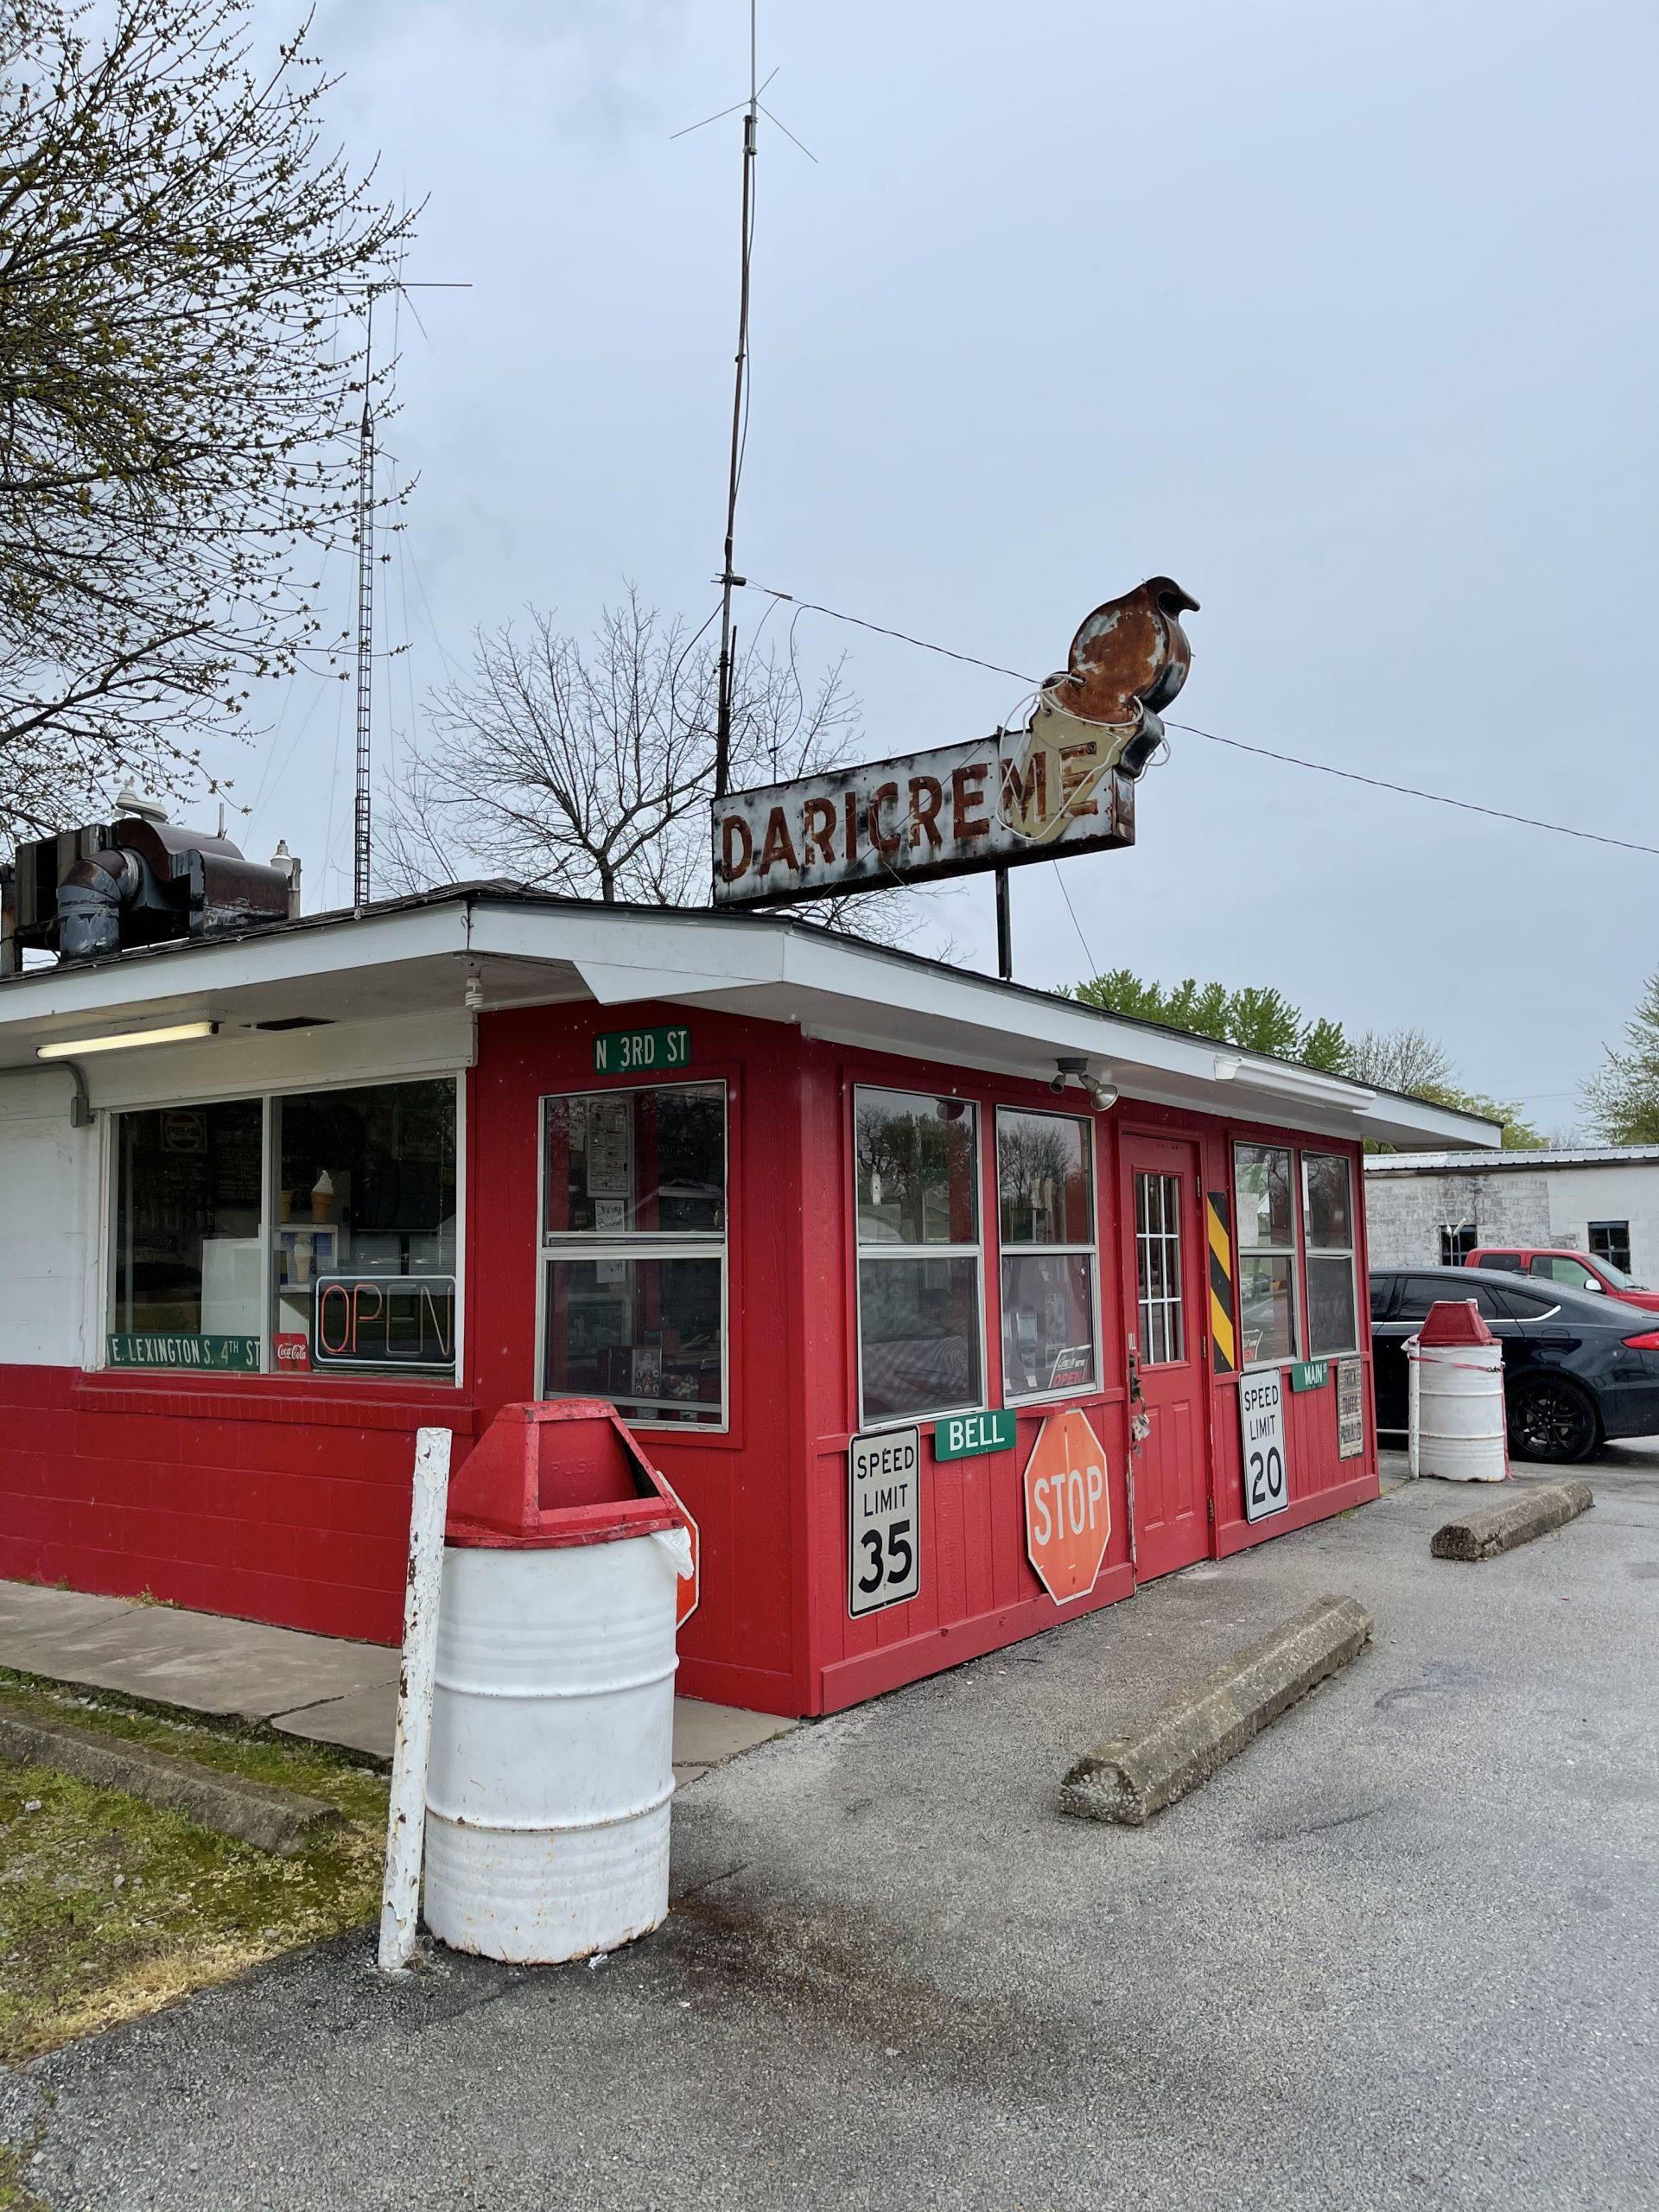 Jasper, mo. Pop. 900. Great burgers, 2 cones $1.65